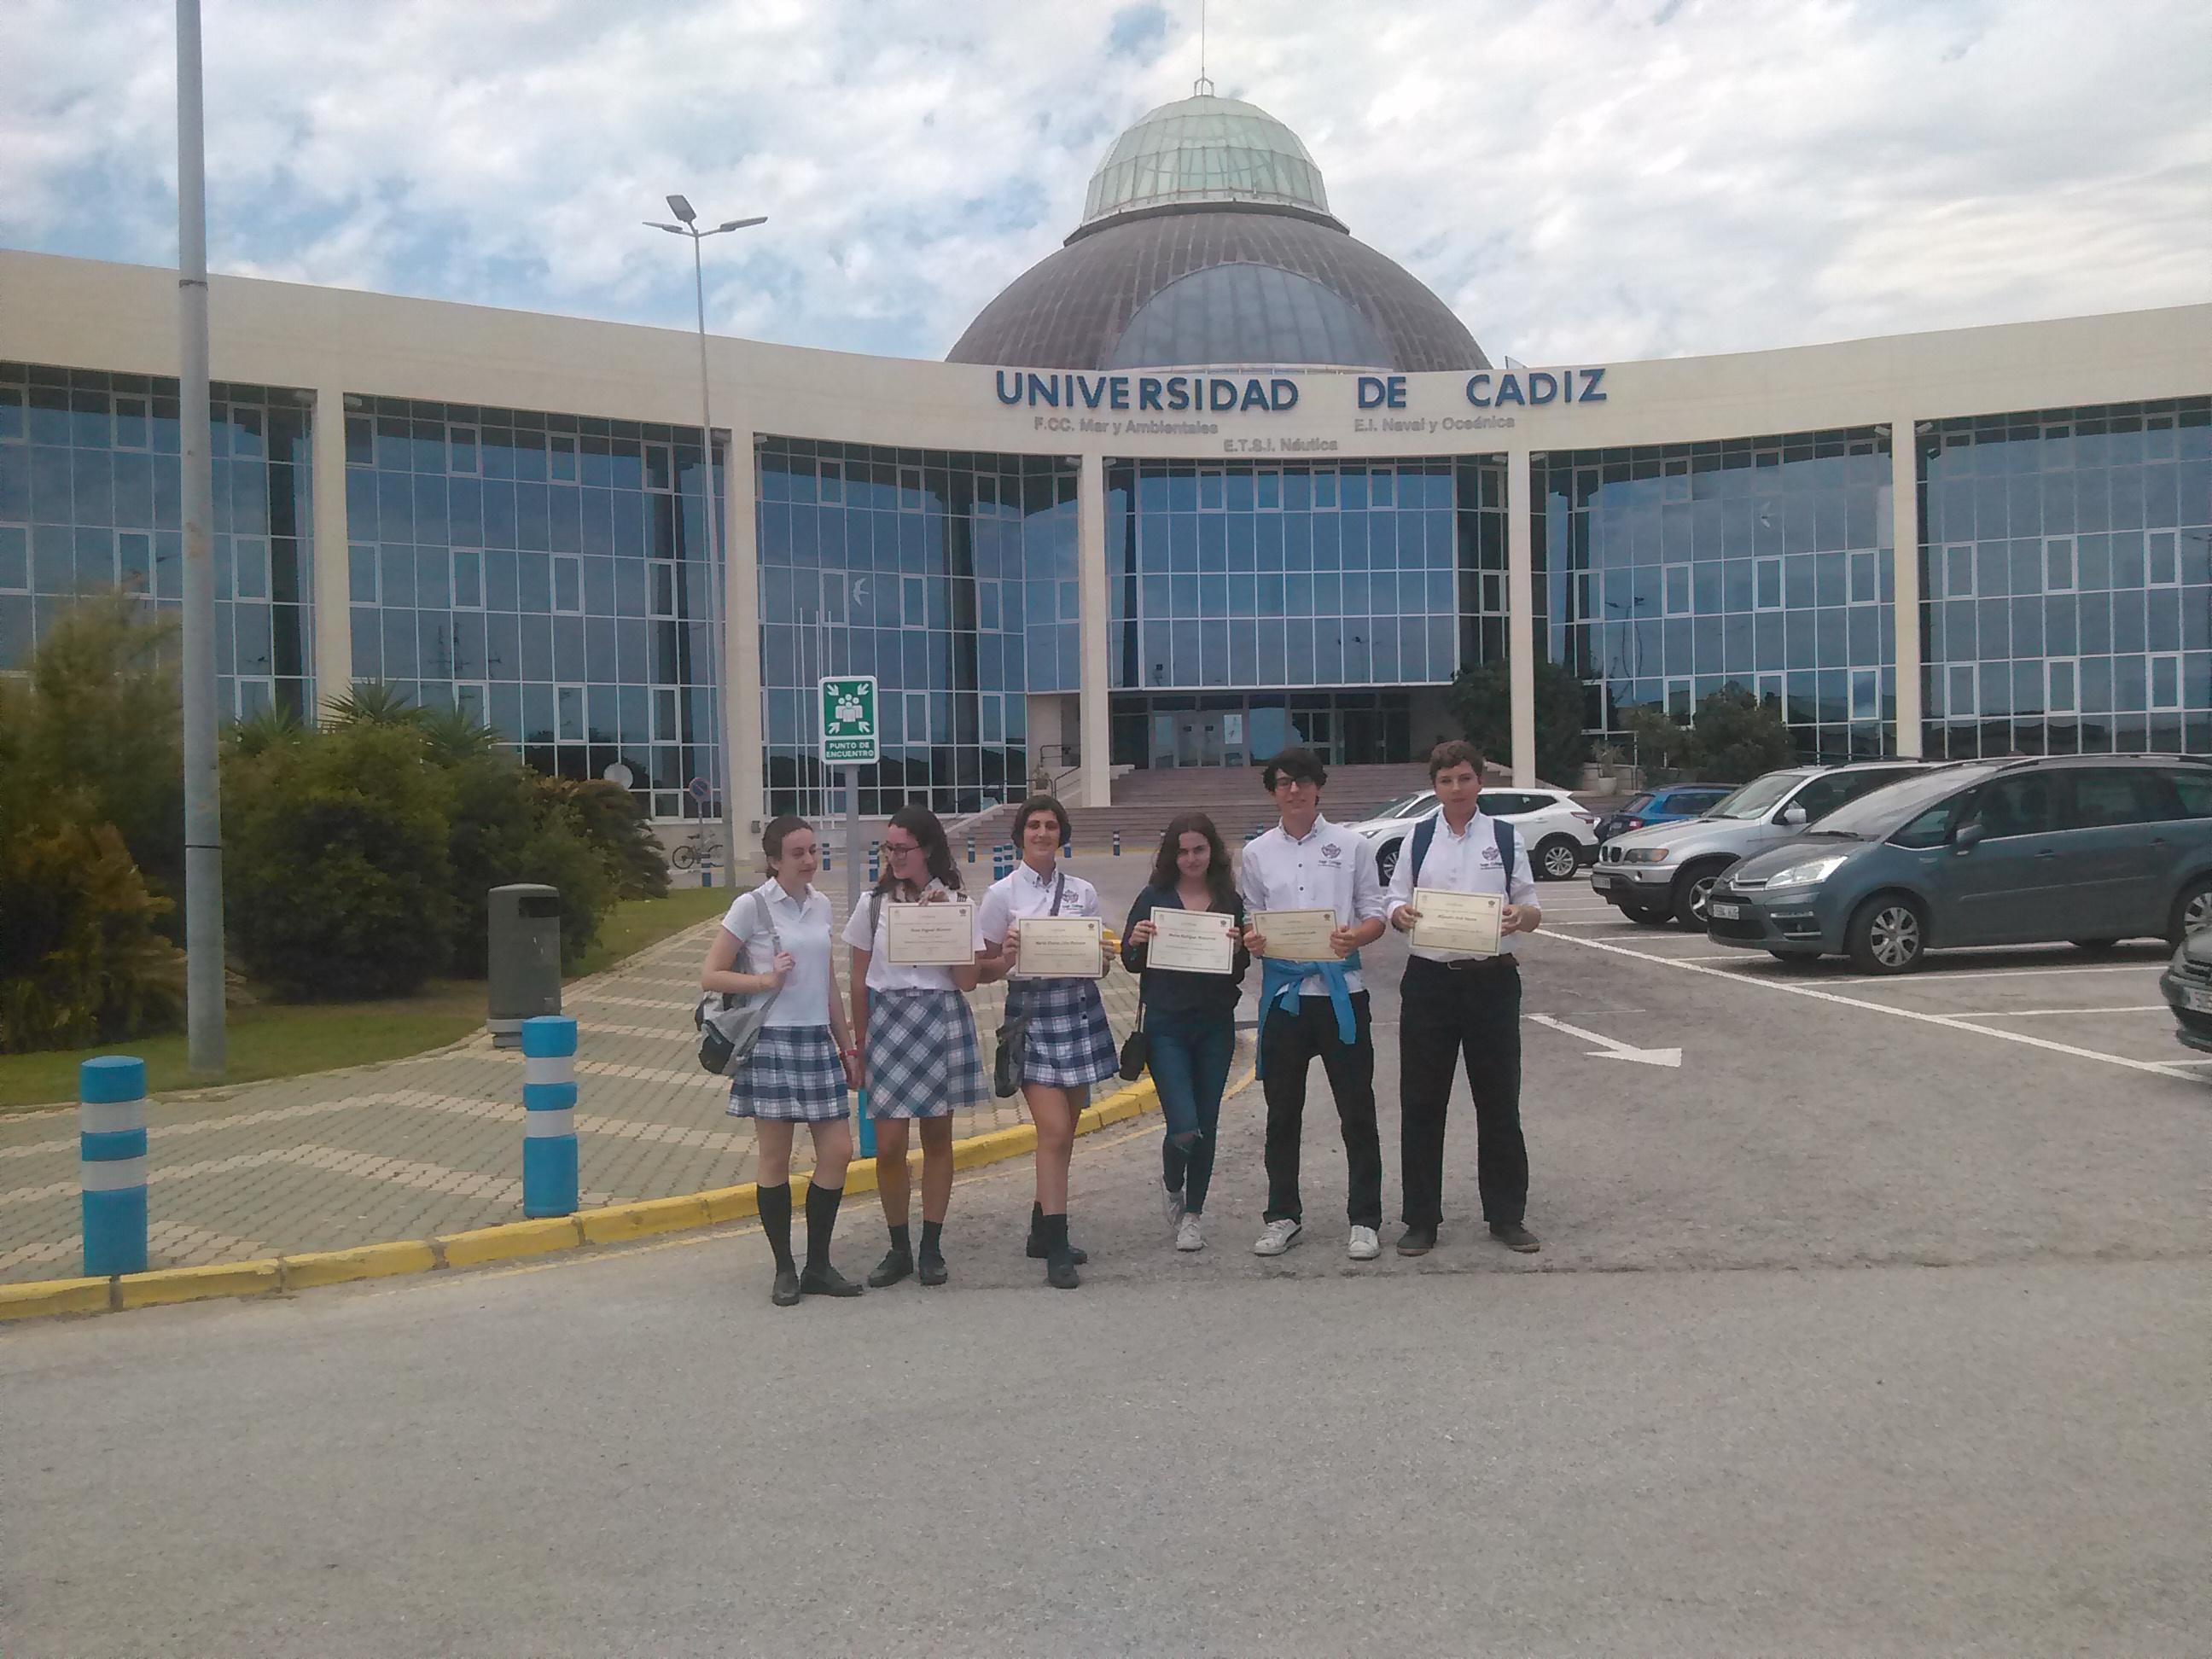 Uca Calendario Academico.Los Alumnos De Year 11 Y 12 Visitan La Uca Y El Ifapa Sage